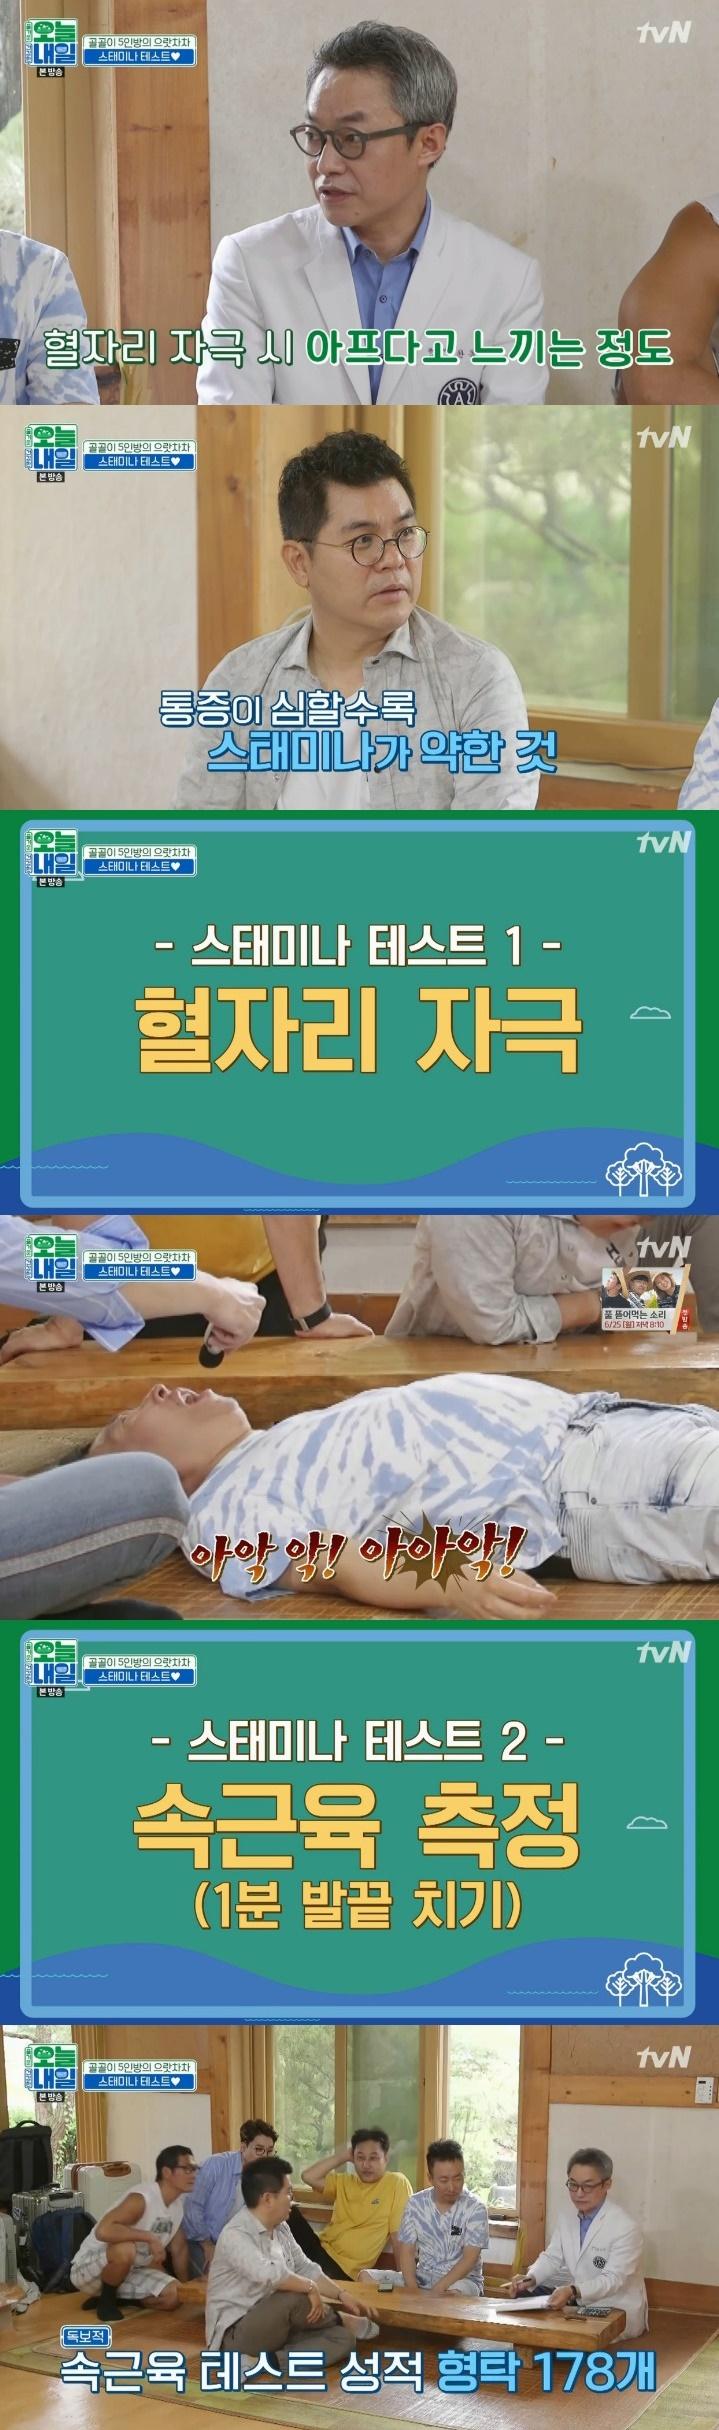 """'오늘내일' 심형탁, 스태미너 테스트 1위…""""역시 젊은 피"""""""